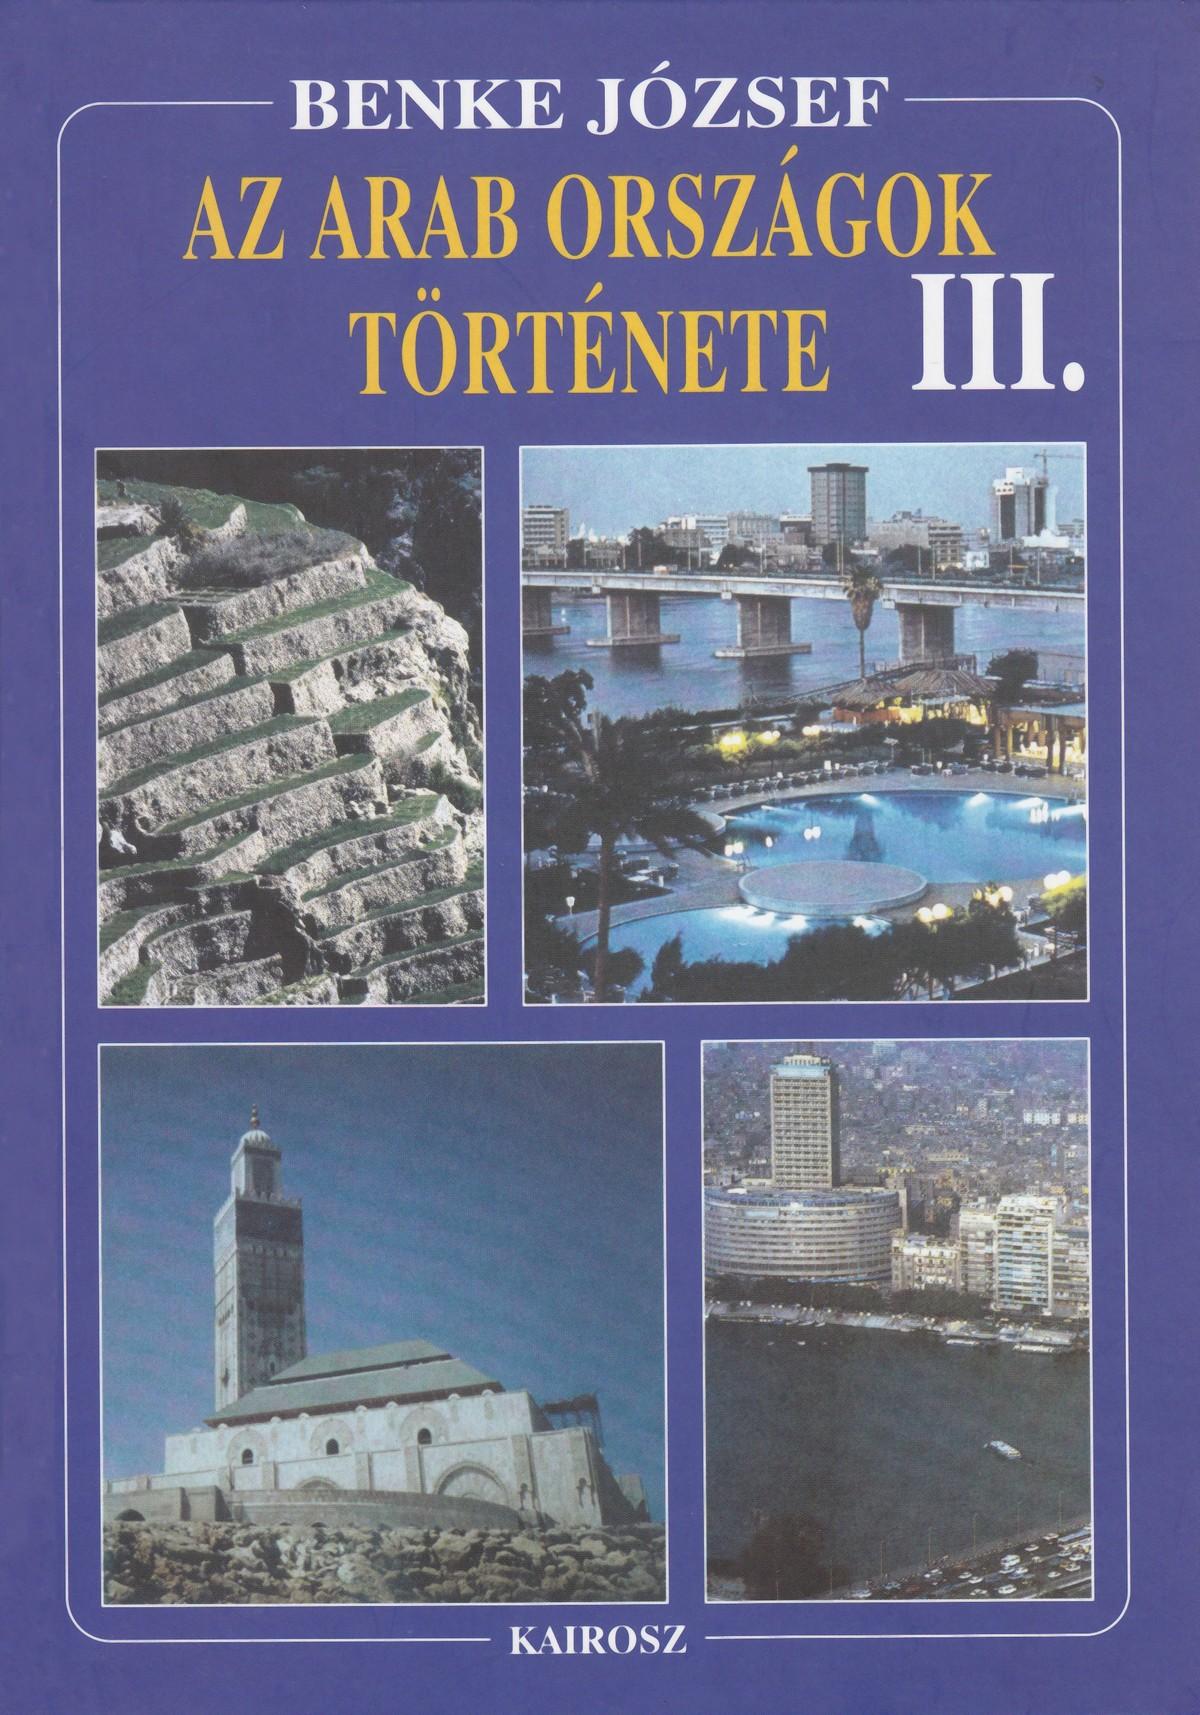 Az arab országok története III. (könyv) - Benke József  33b682ef94